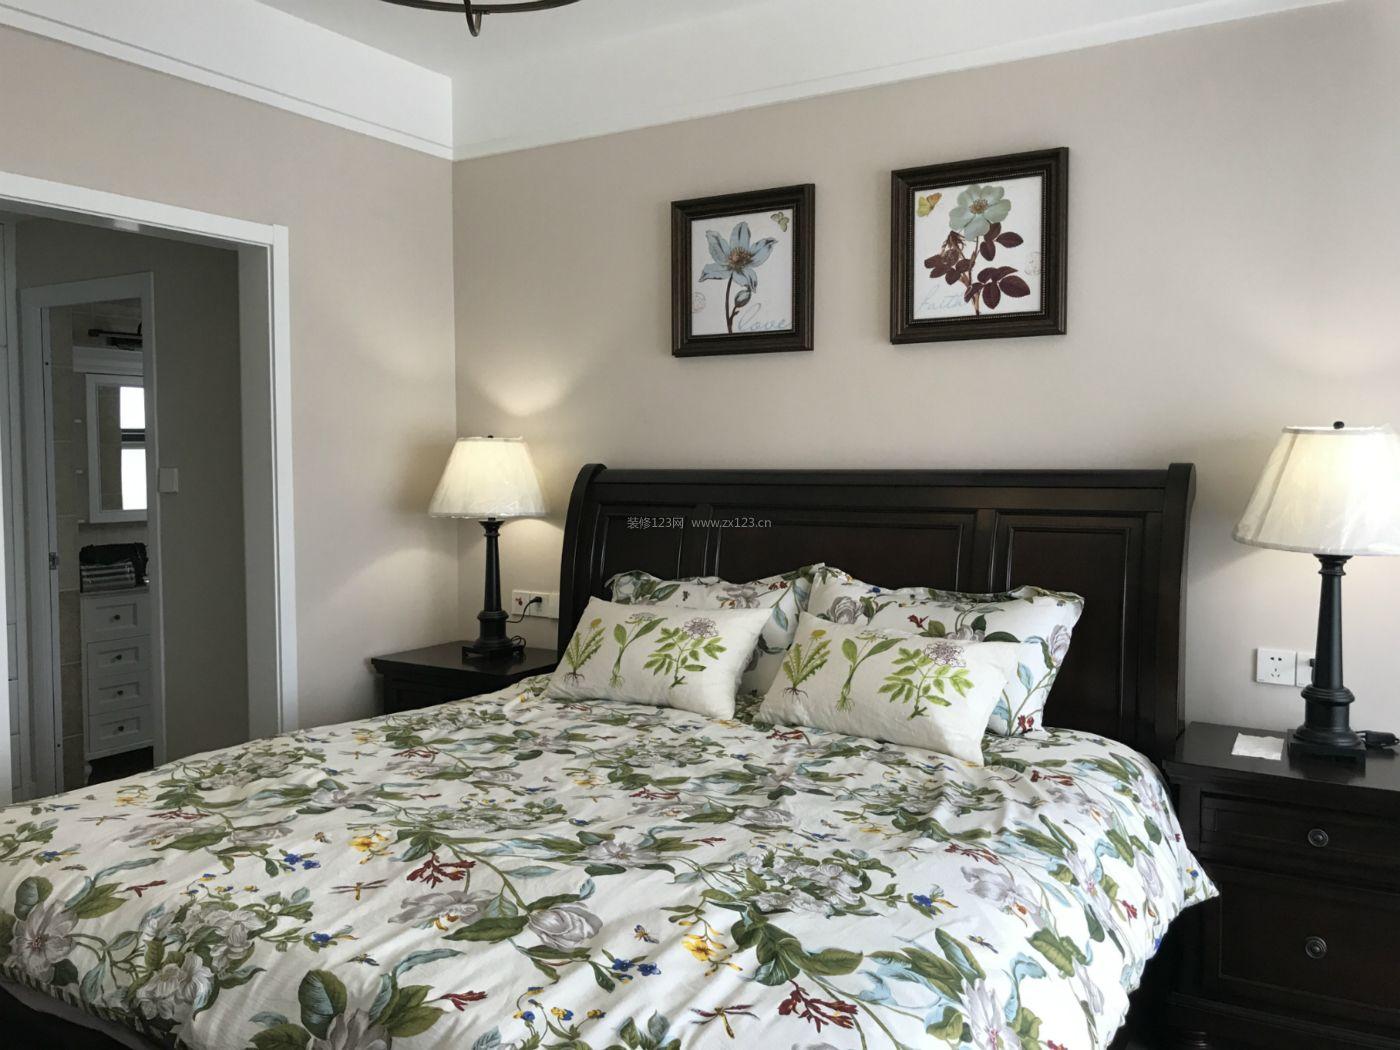 美式简约风格主卧室装修效果图片图片